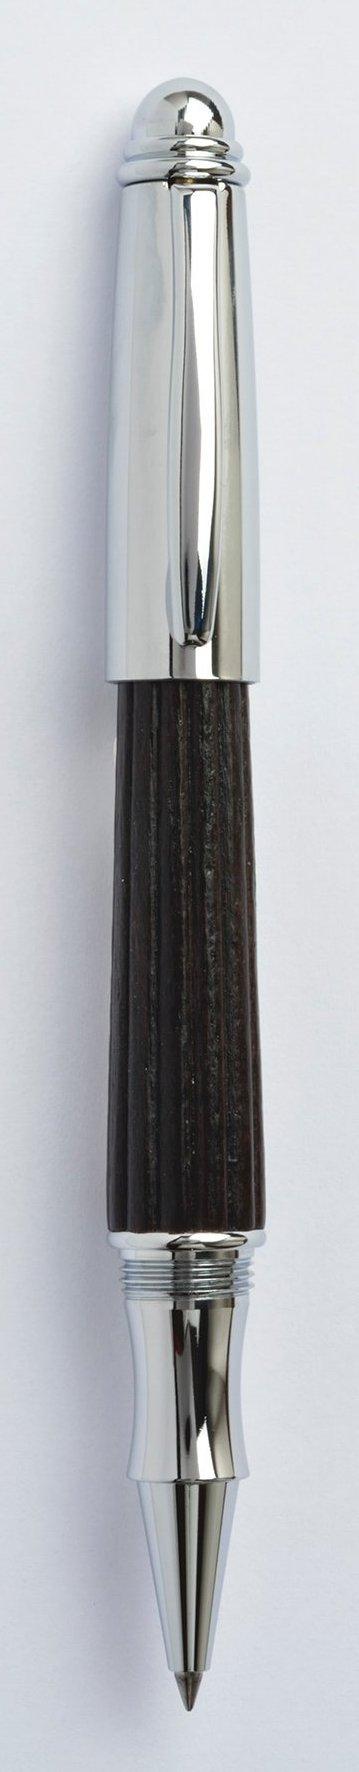 ZWP02C